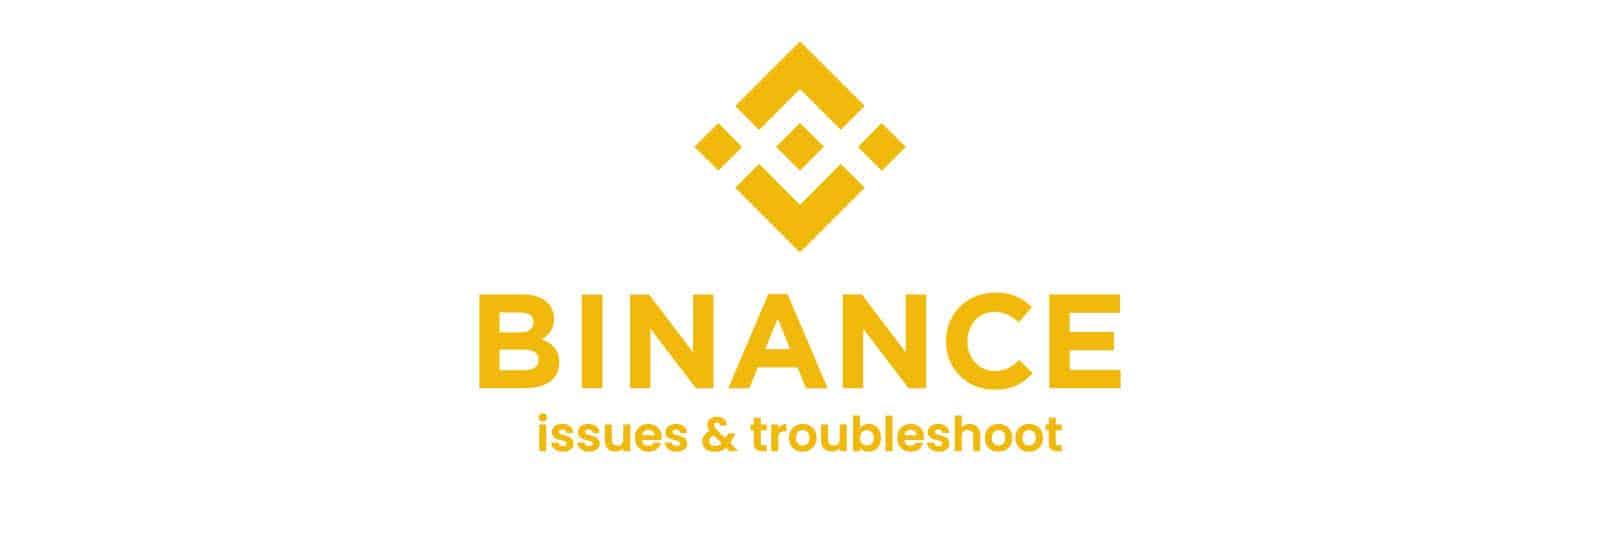 binance-troubleshooting